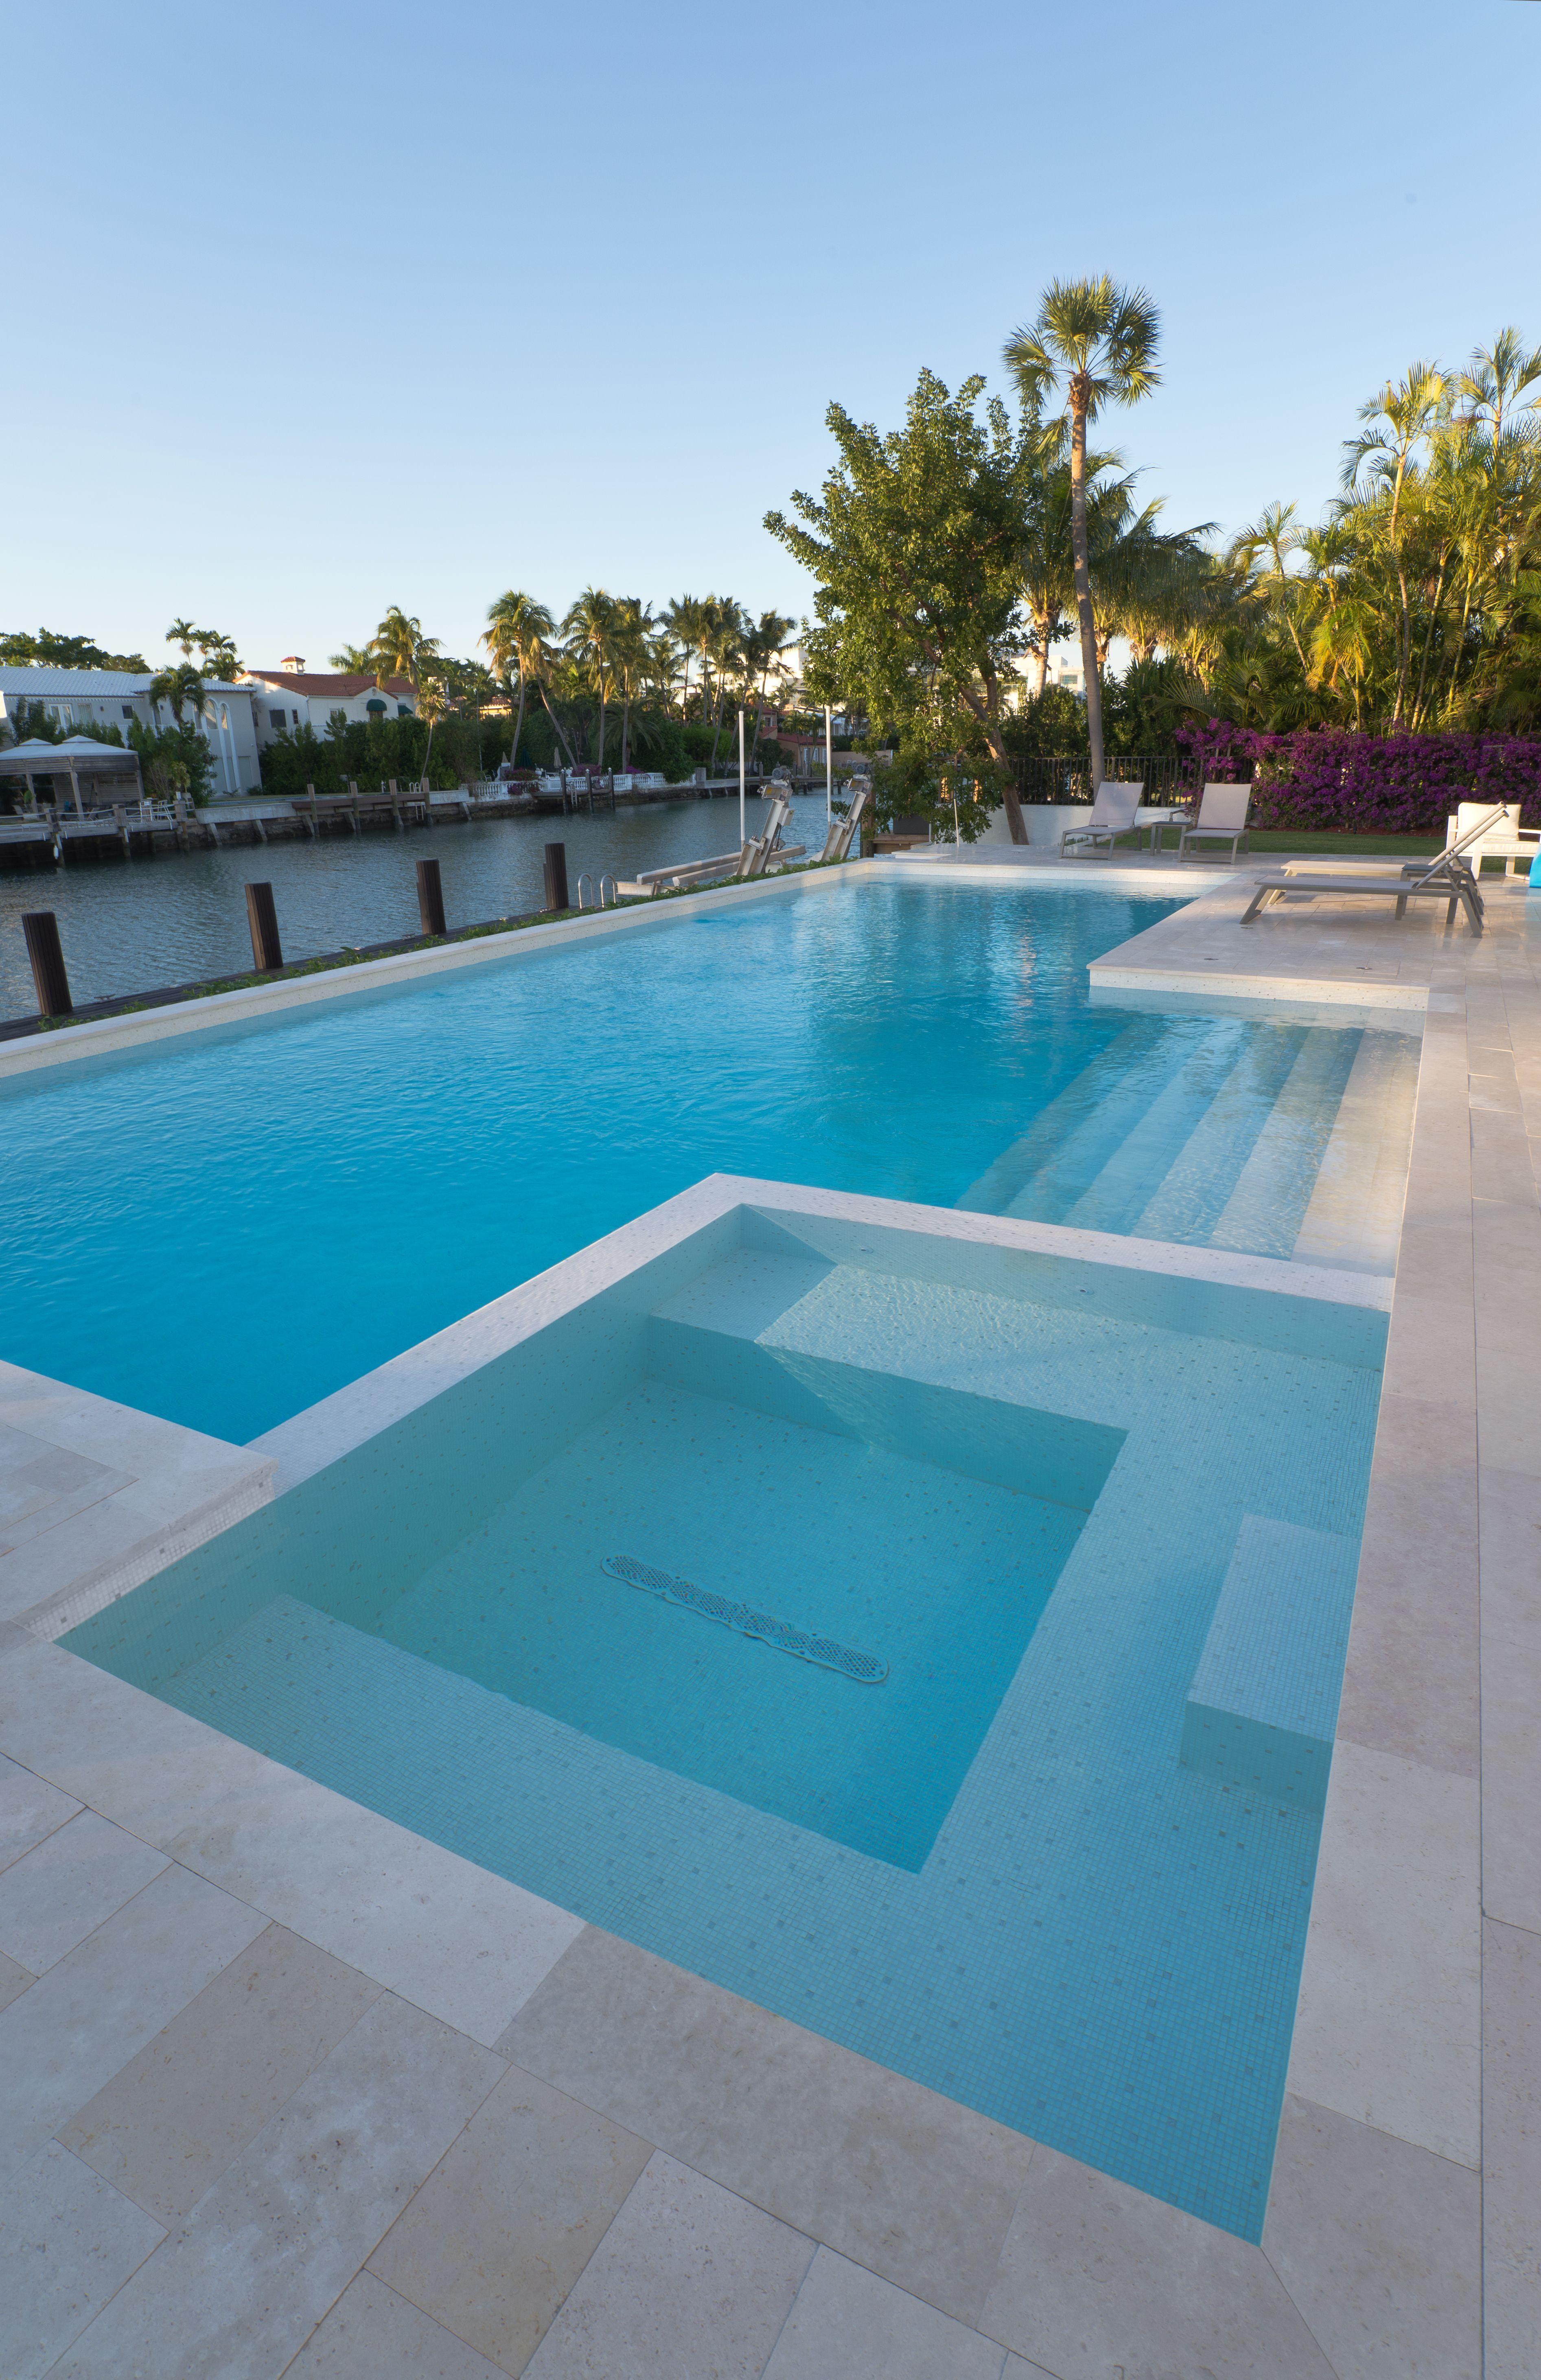 Pin On Amigurumi Swimming Pools Backyard Amazing Swimming Pools Luxury Swimming Pools